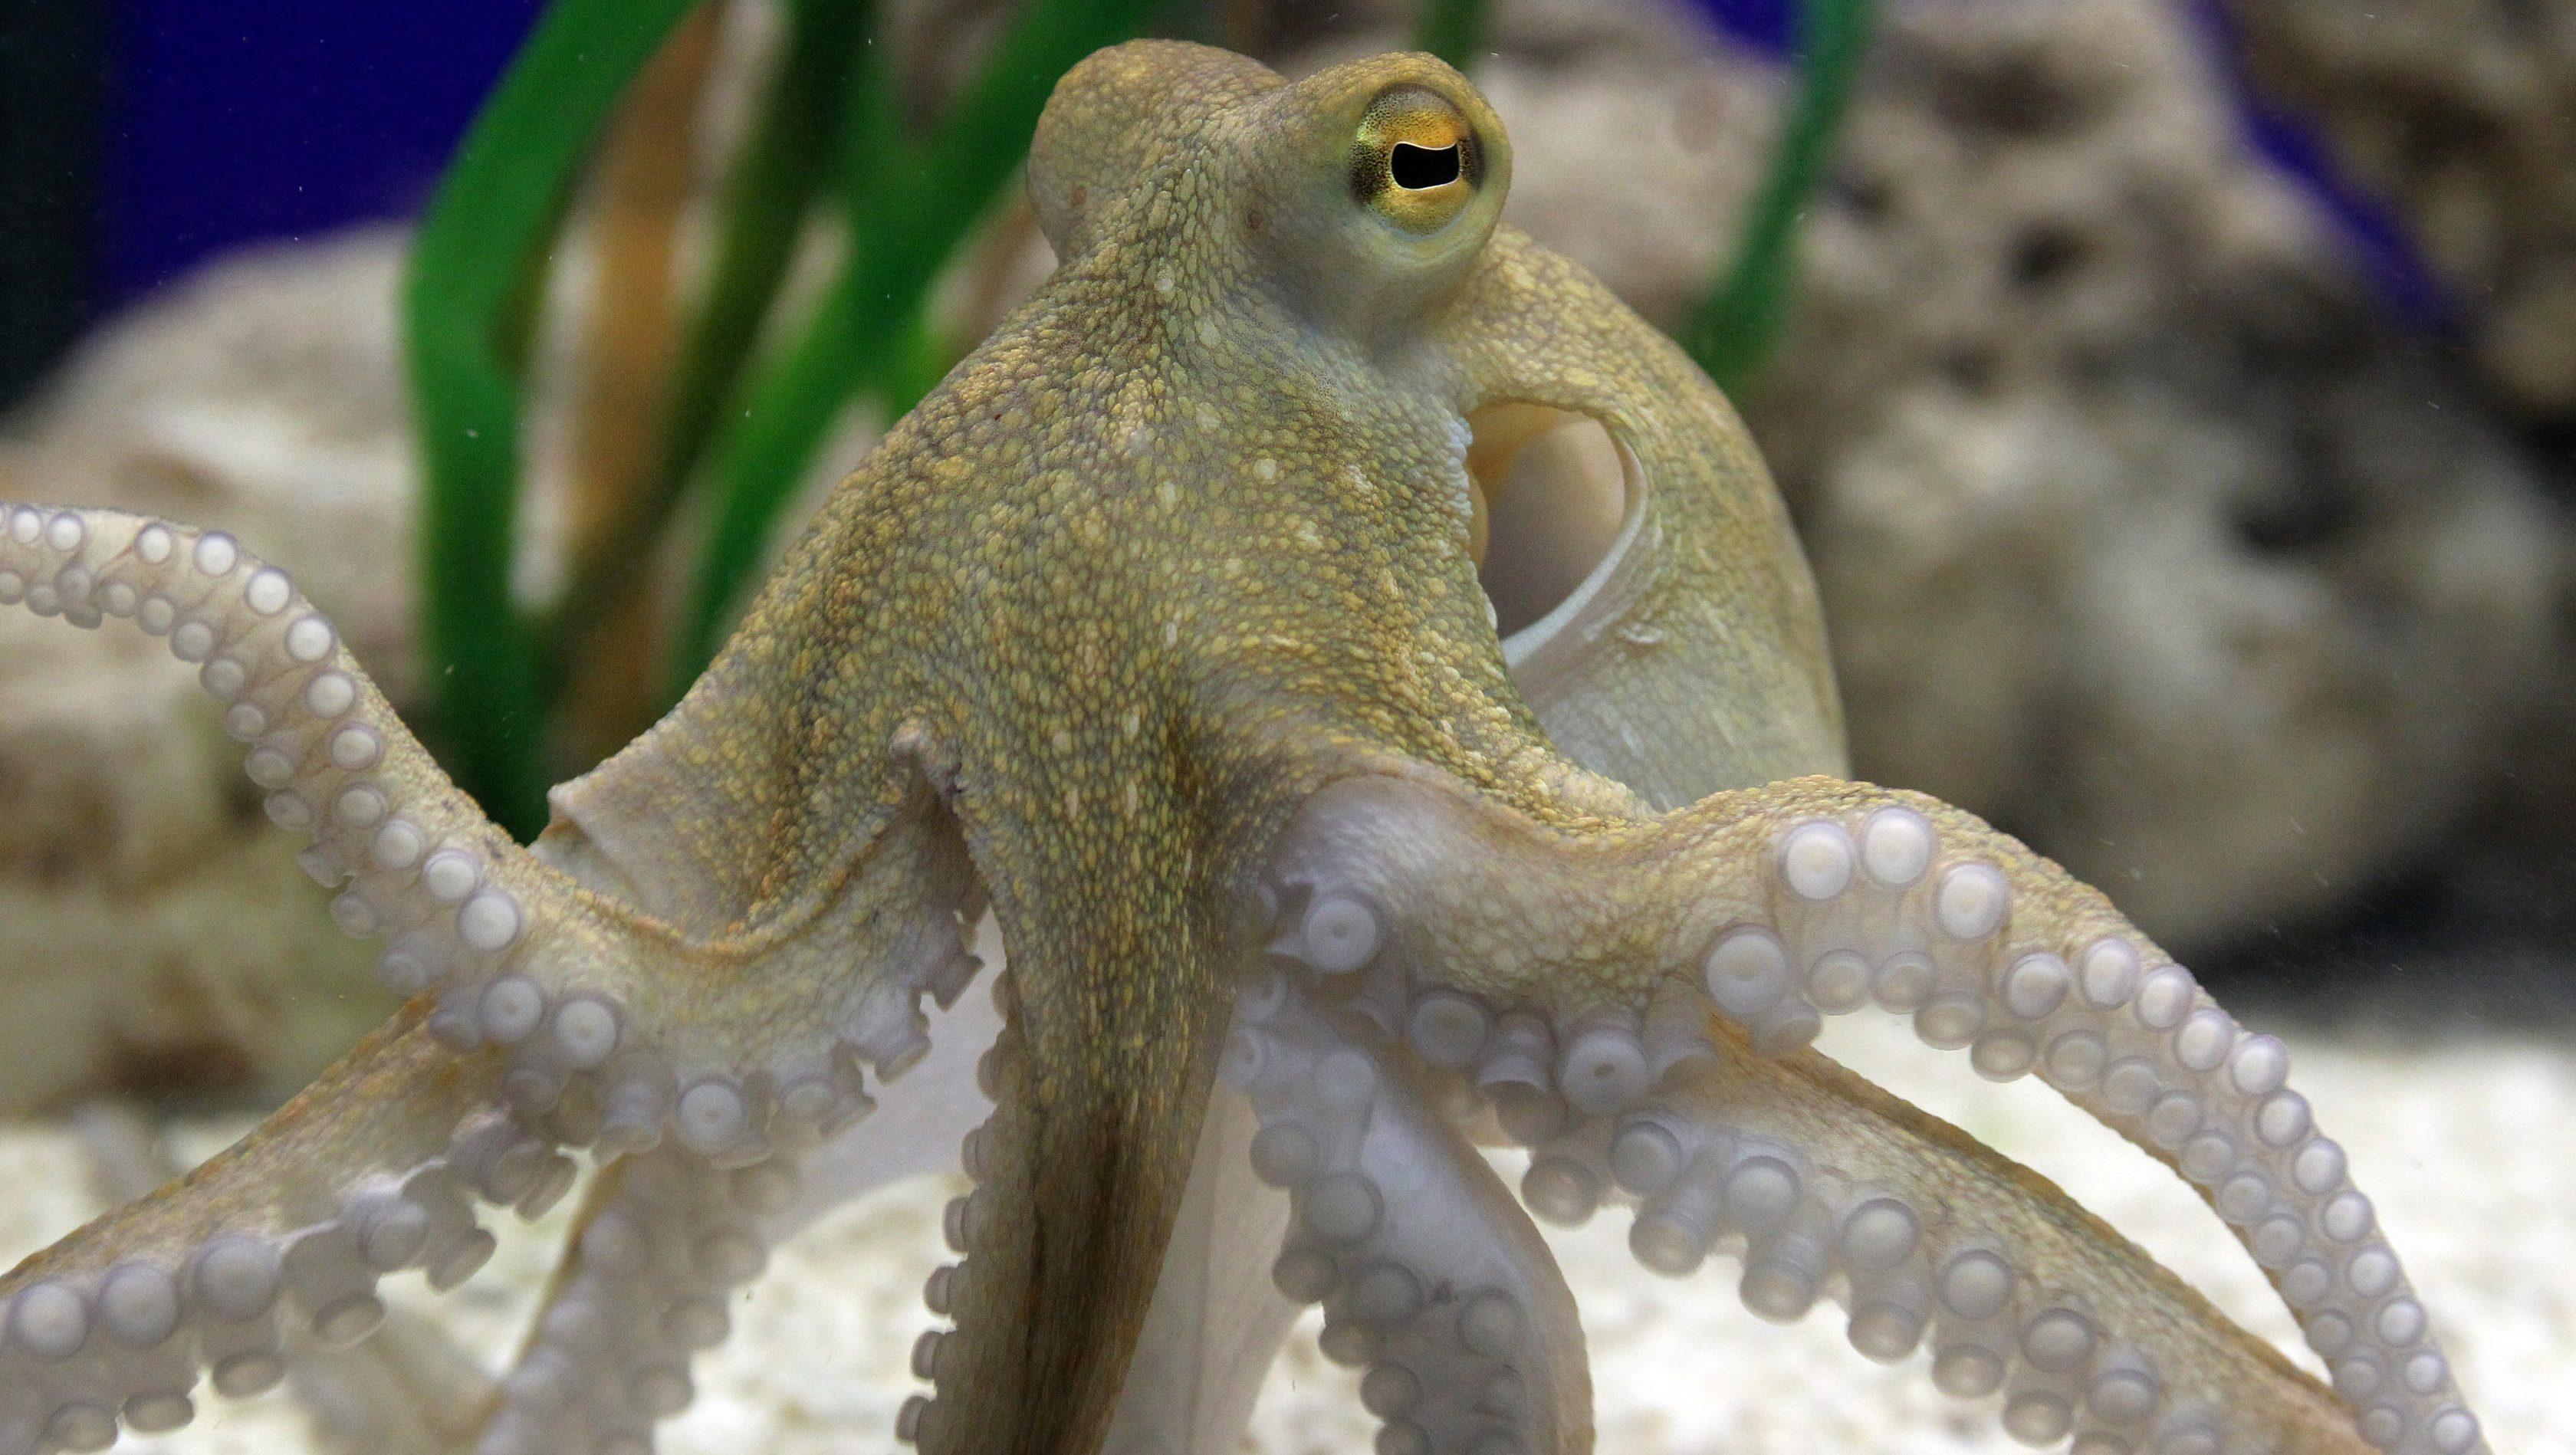 Echte Kraken